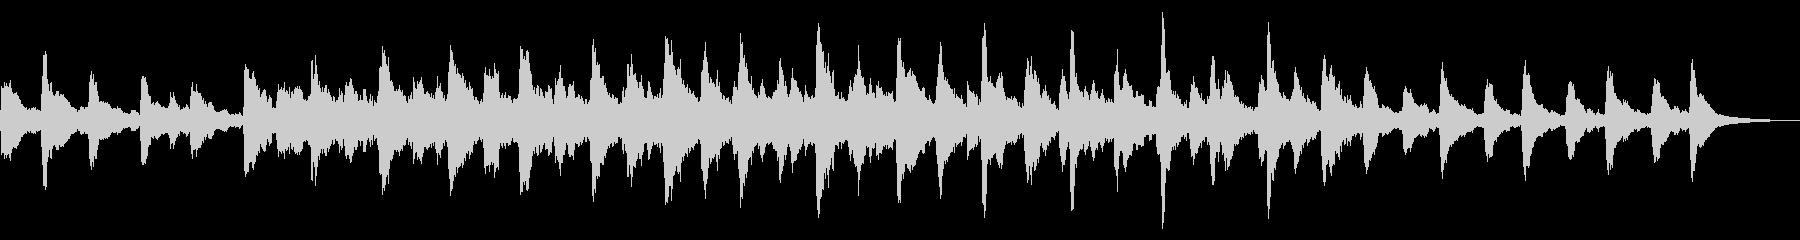 レプトン・チャーチ・ベルズ:1回鳴...の未再生の波形